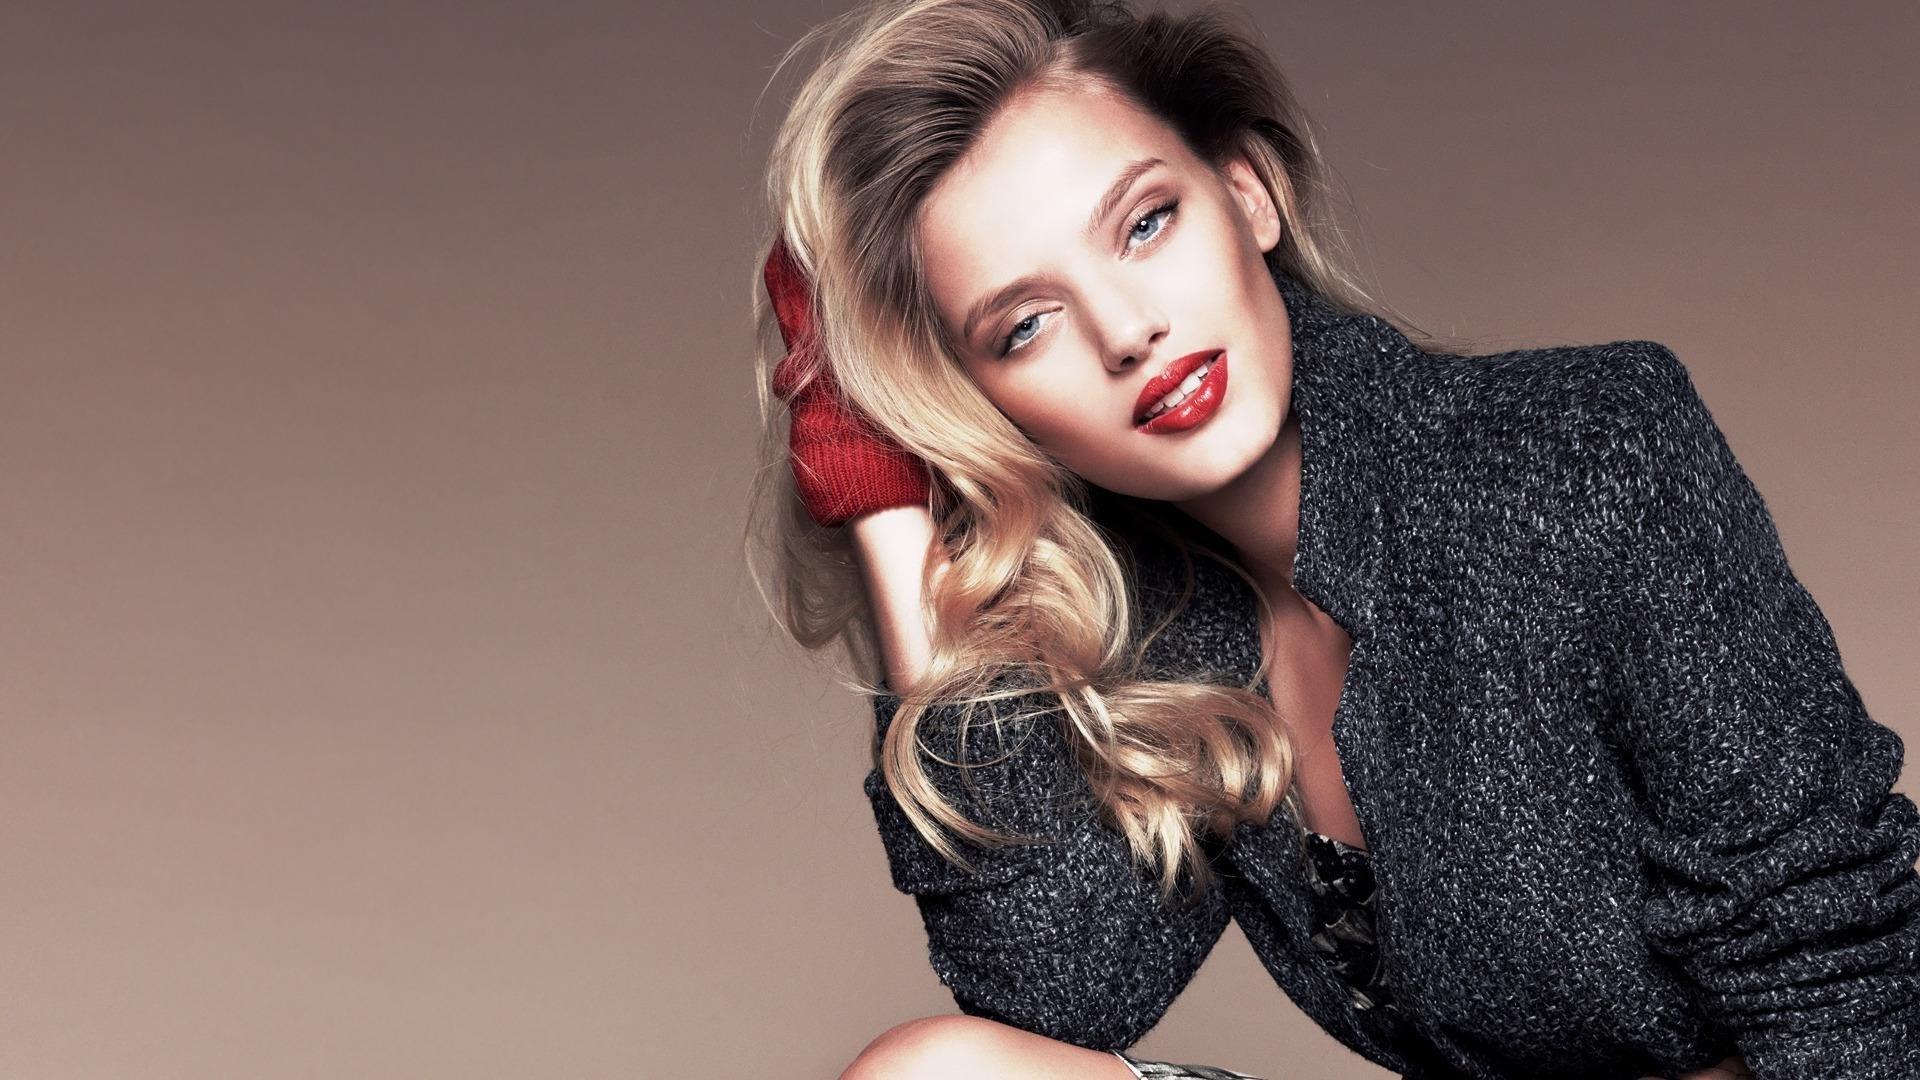 Girl Bregje Heinen Model Fashion